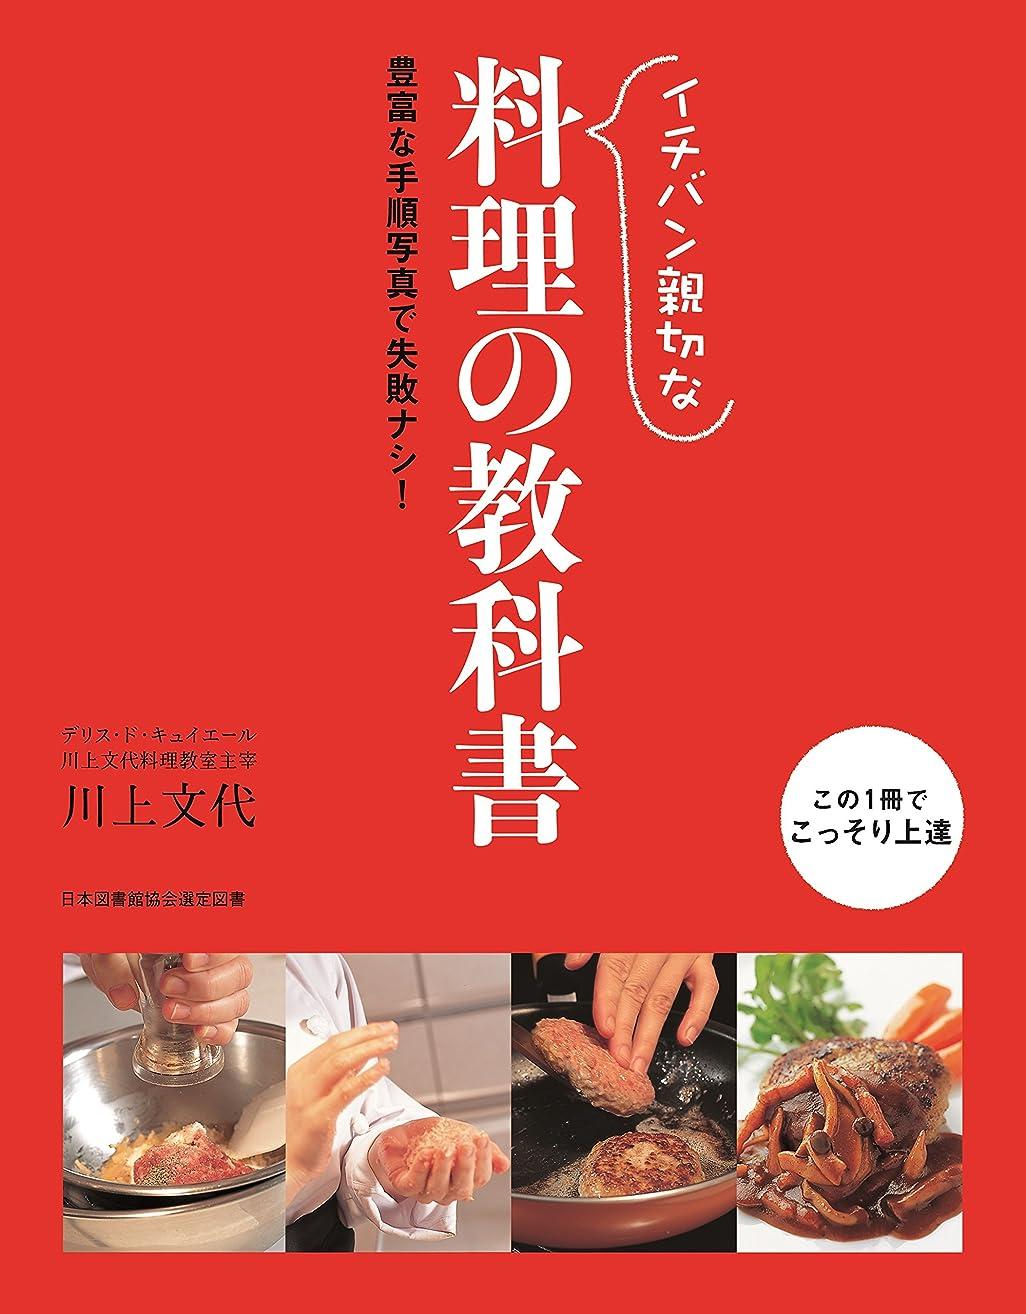 子音不道徳意志に反するイチバン親切な料理の教科書